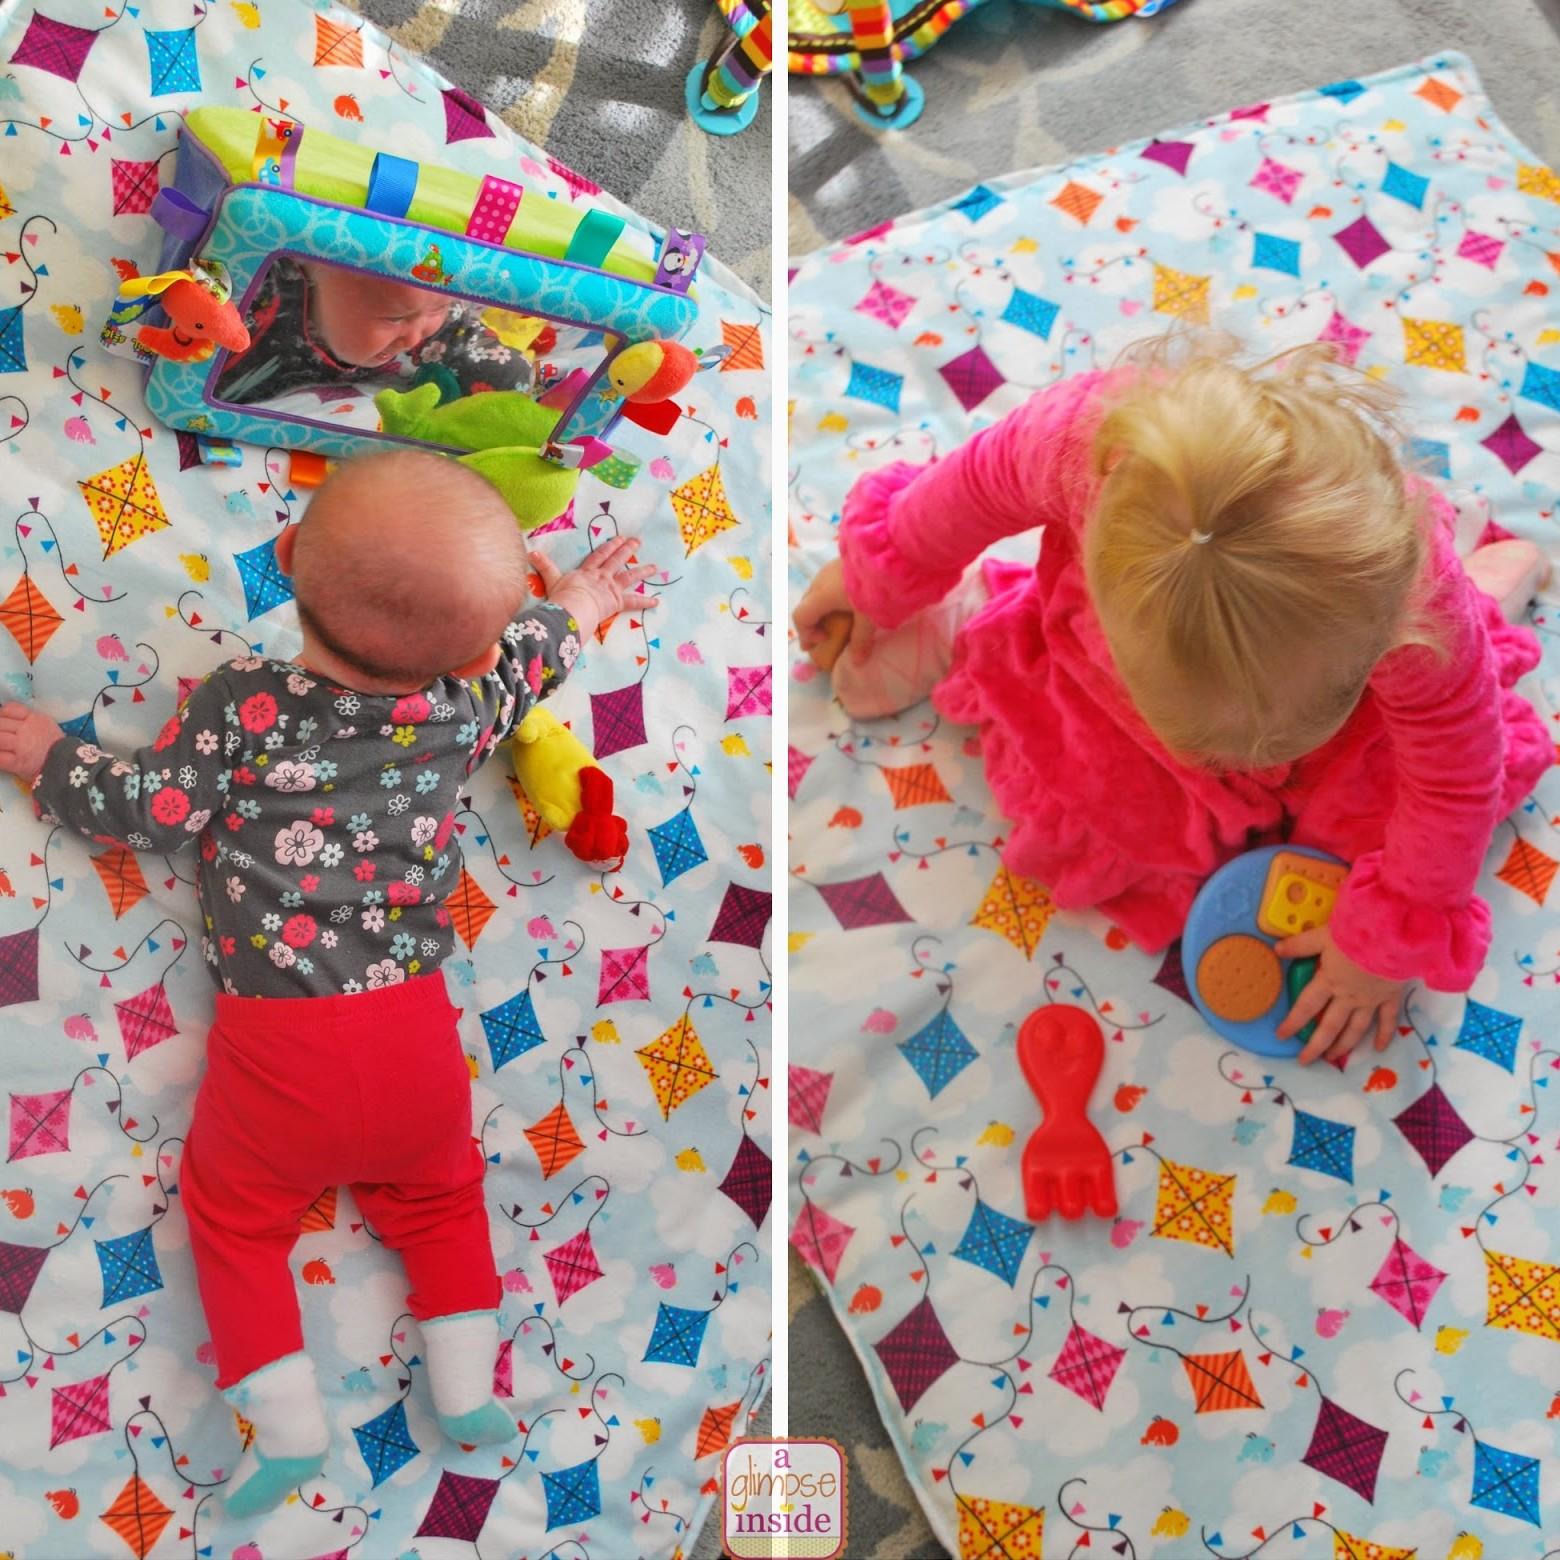 blanket-play mat- girls playing